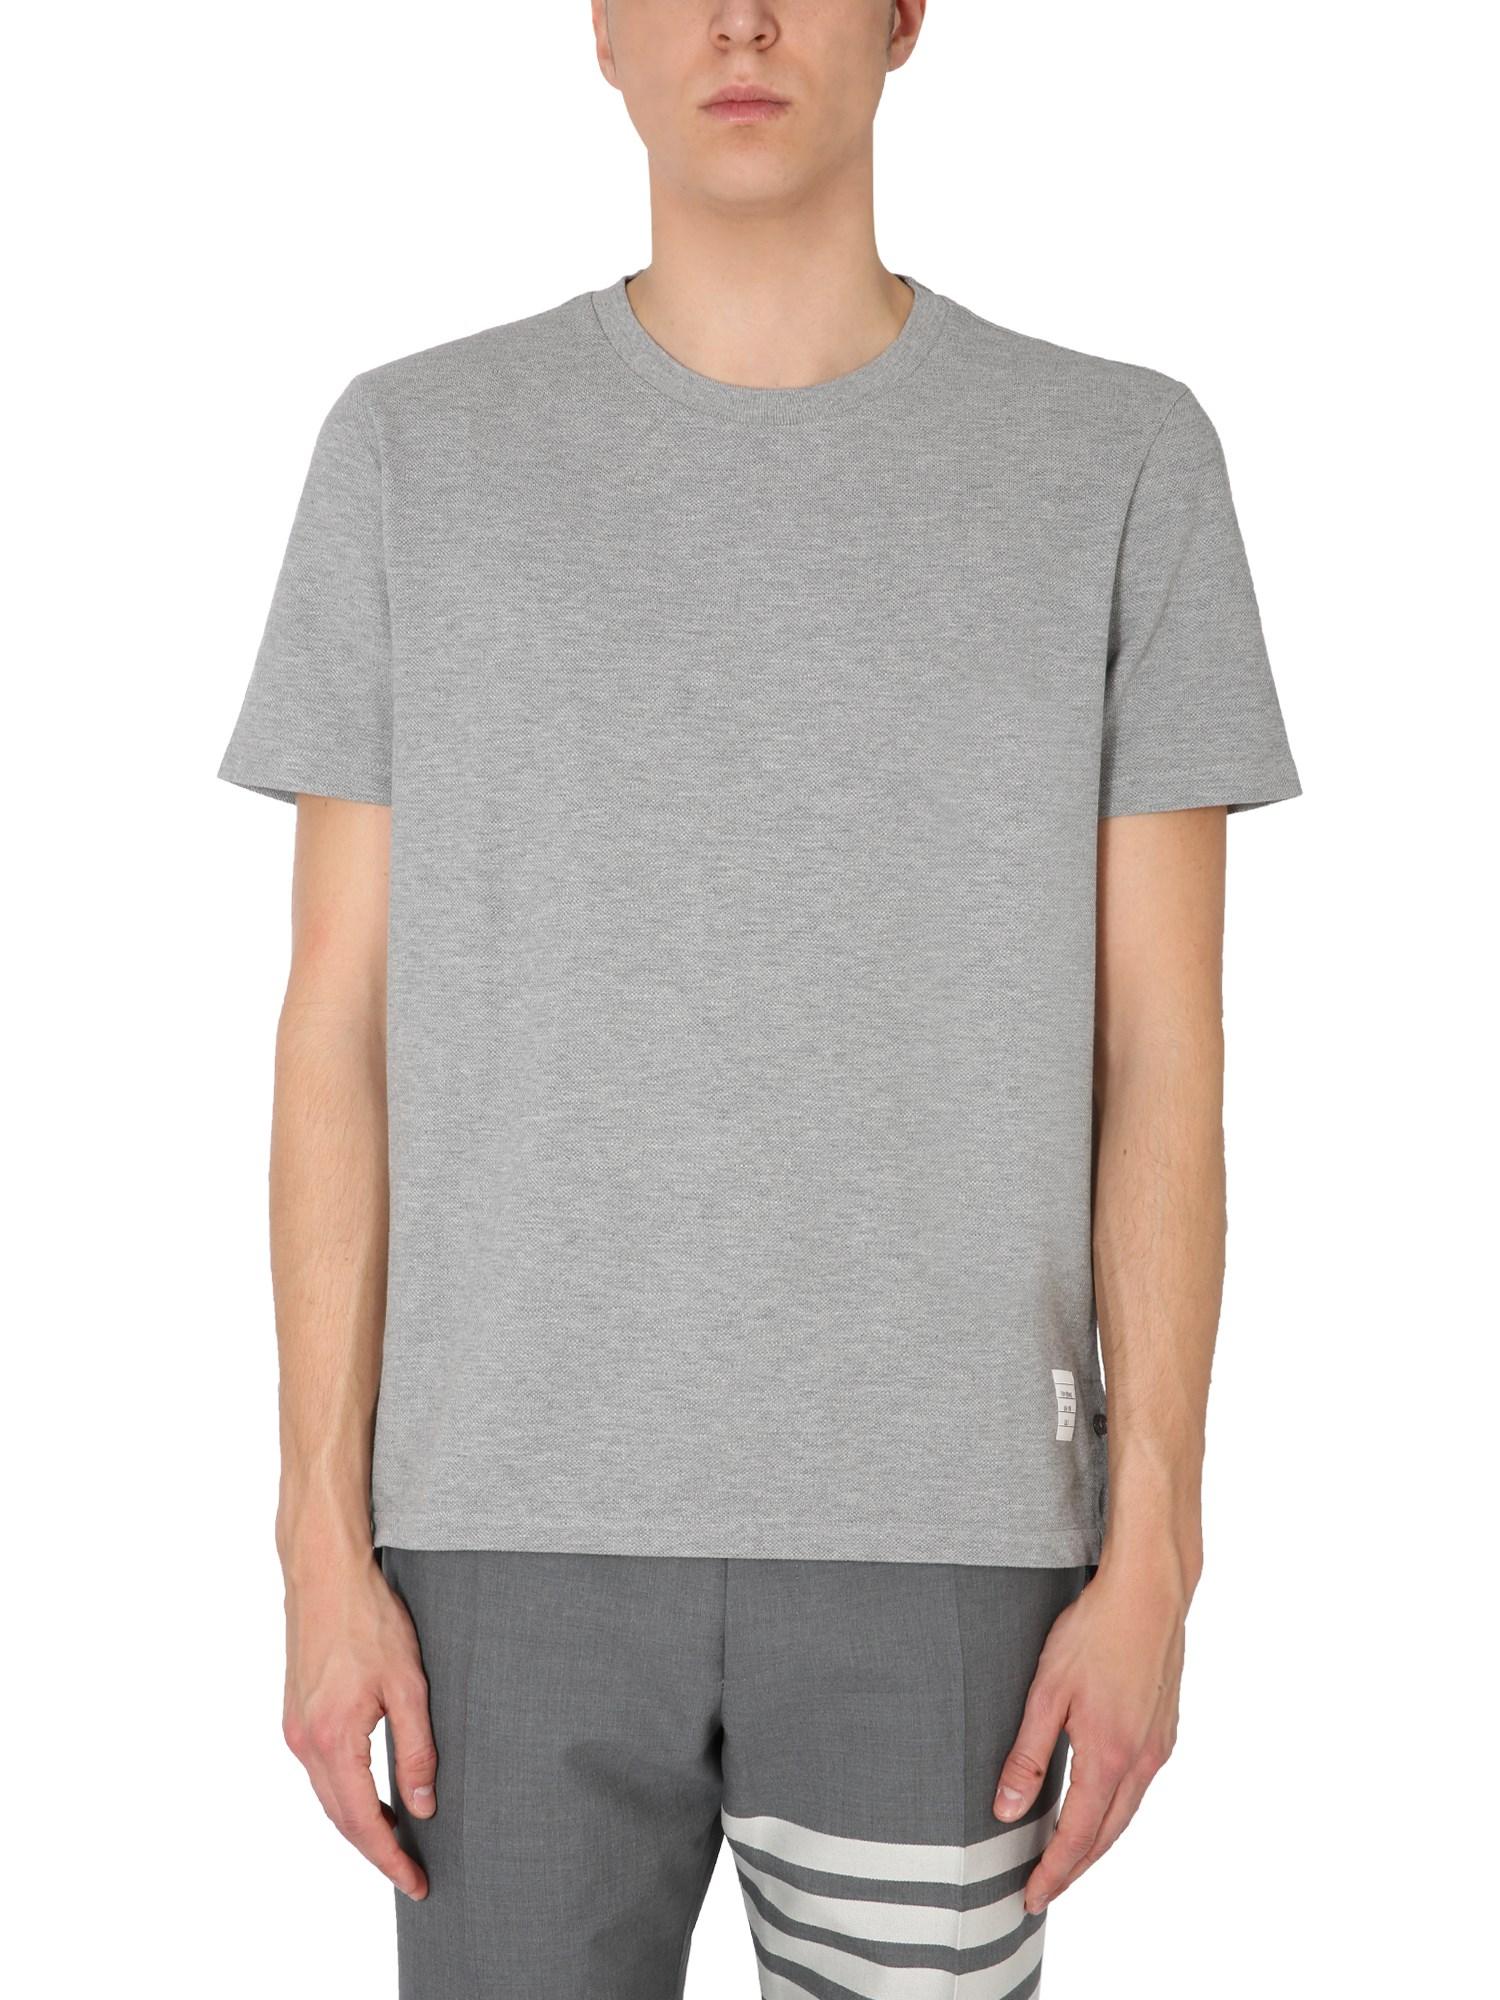 Thom Browne T-shirts COTTON PIQUÉ T-SHIRT